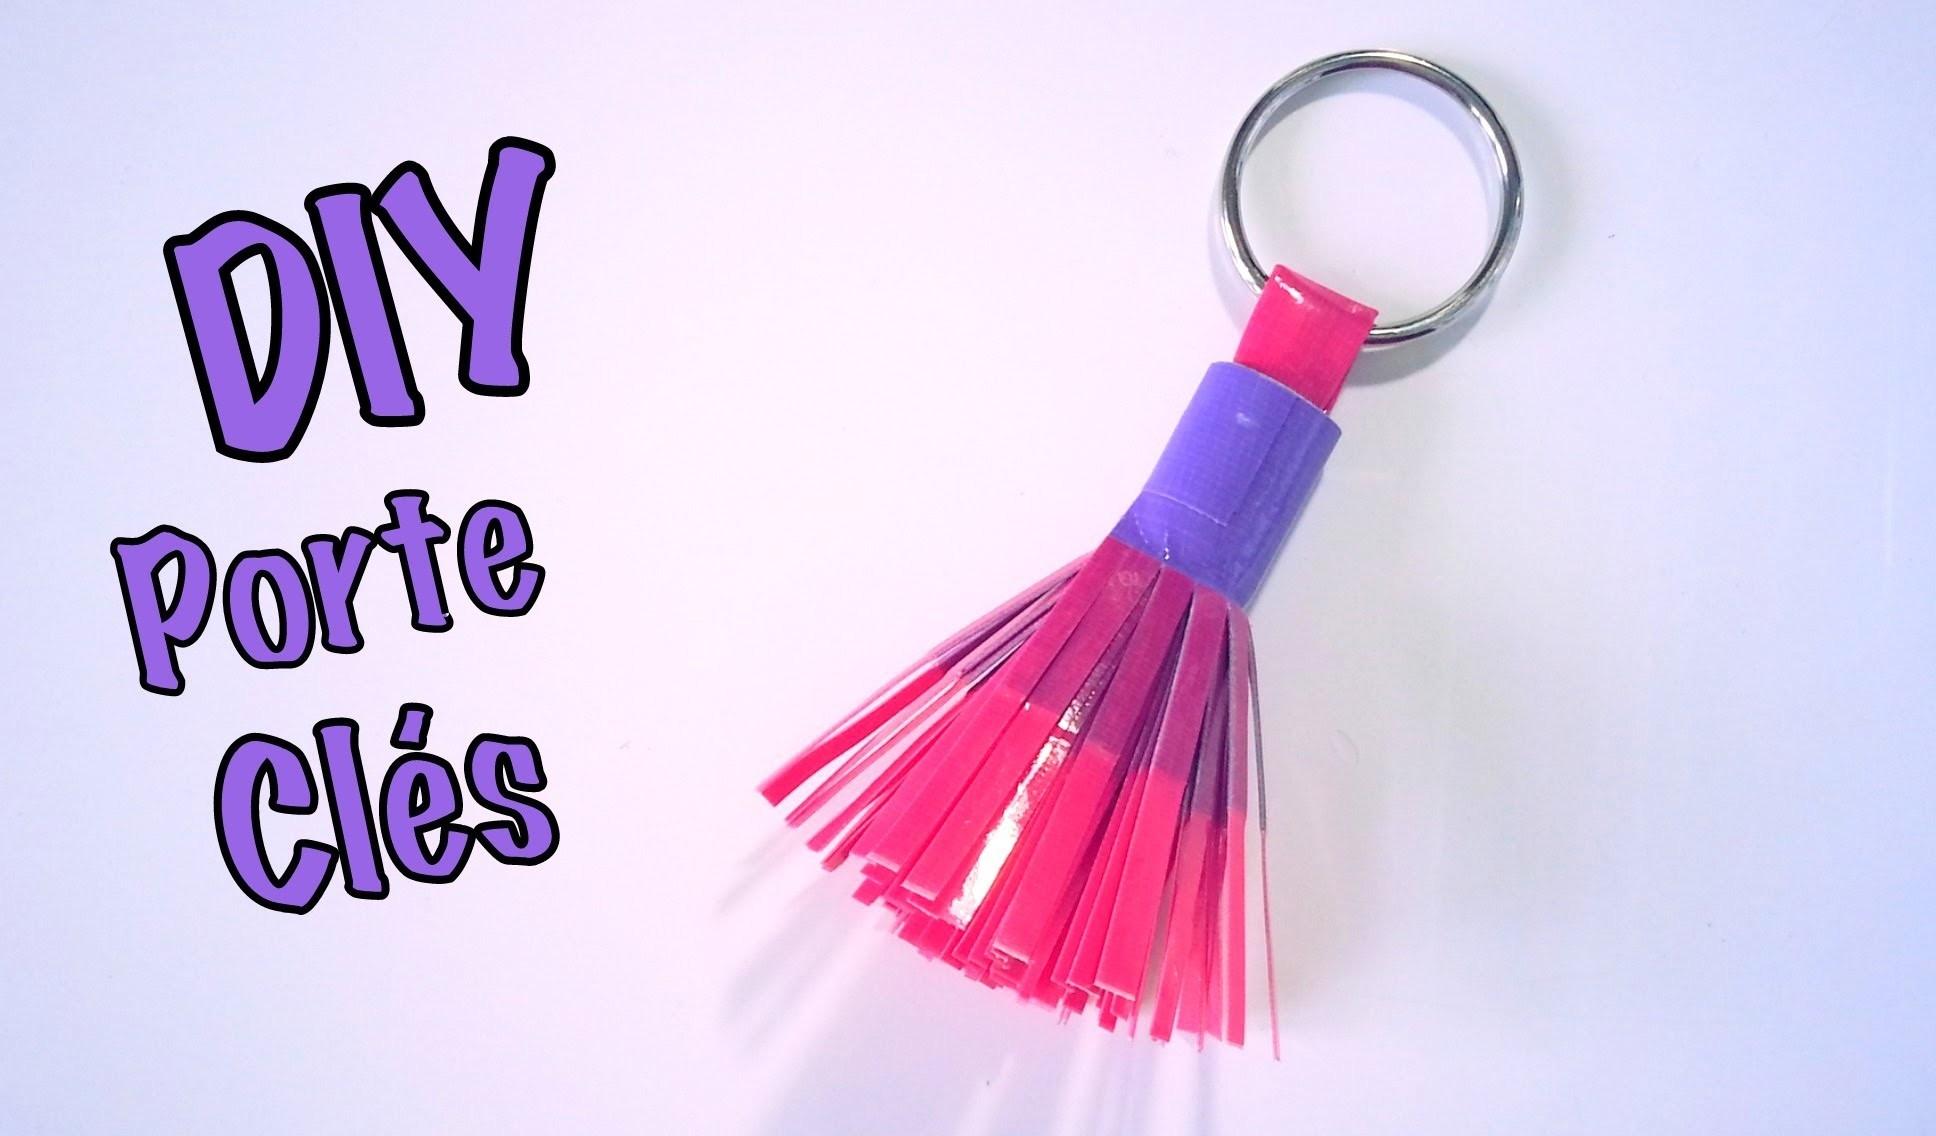 DIY Porte clés Duct Tape